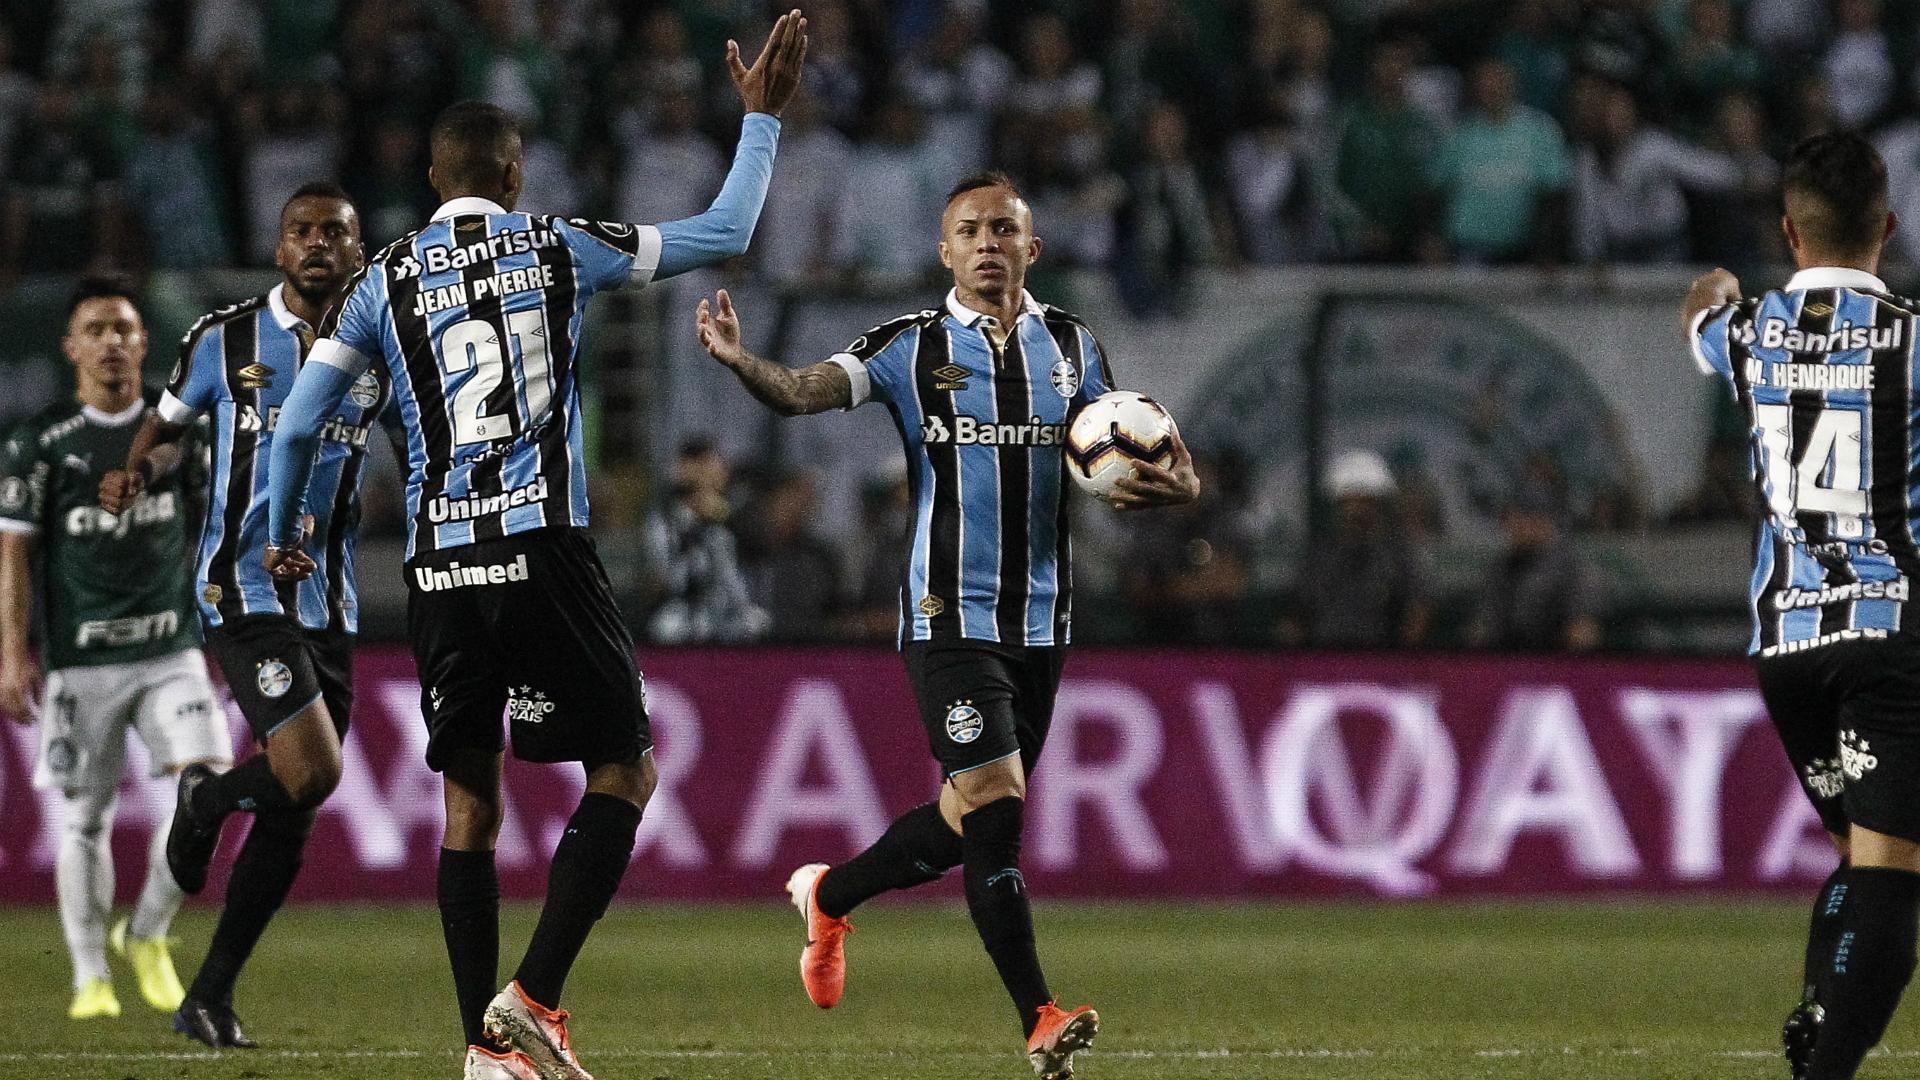 Palmeiras 1-2 Gremio (2-2 agg): Visitors reach Copa Libertadores semis on away goals